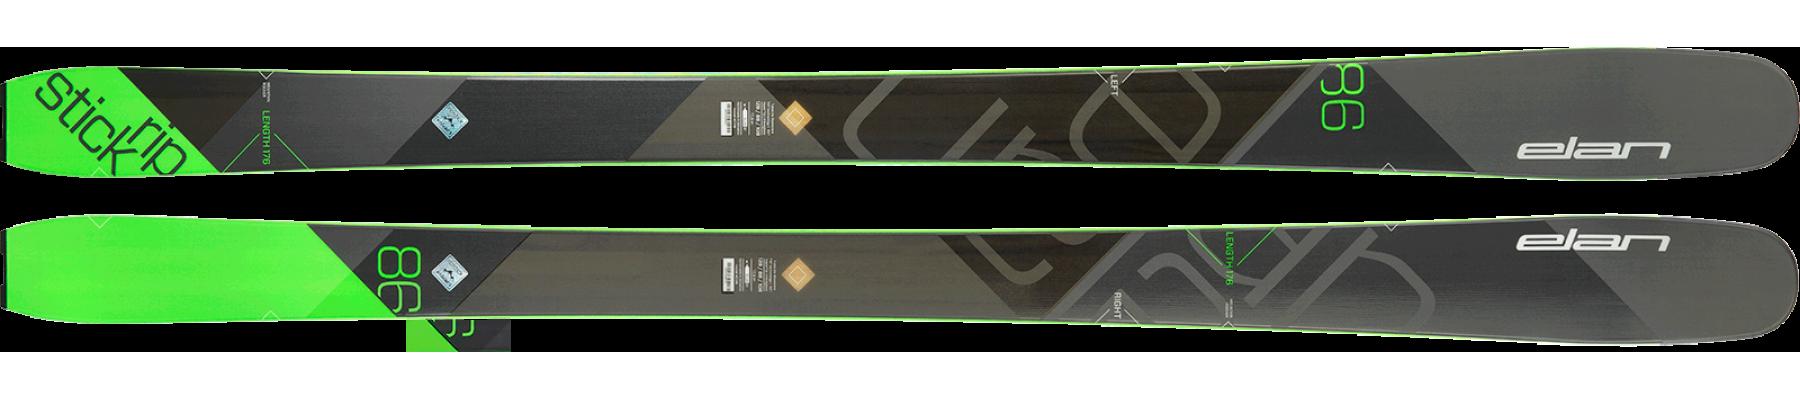 Elan-Ski-RIPSTICK-86